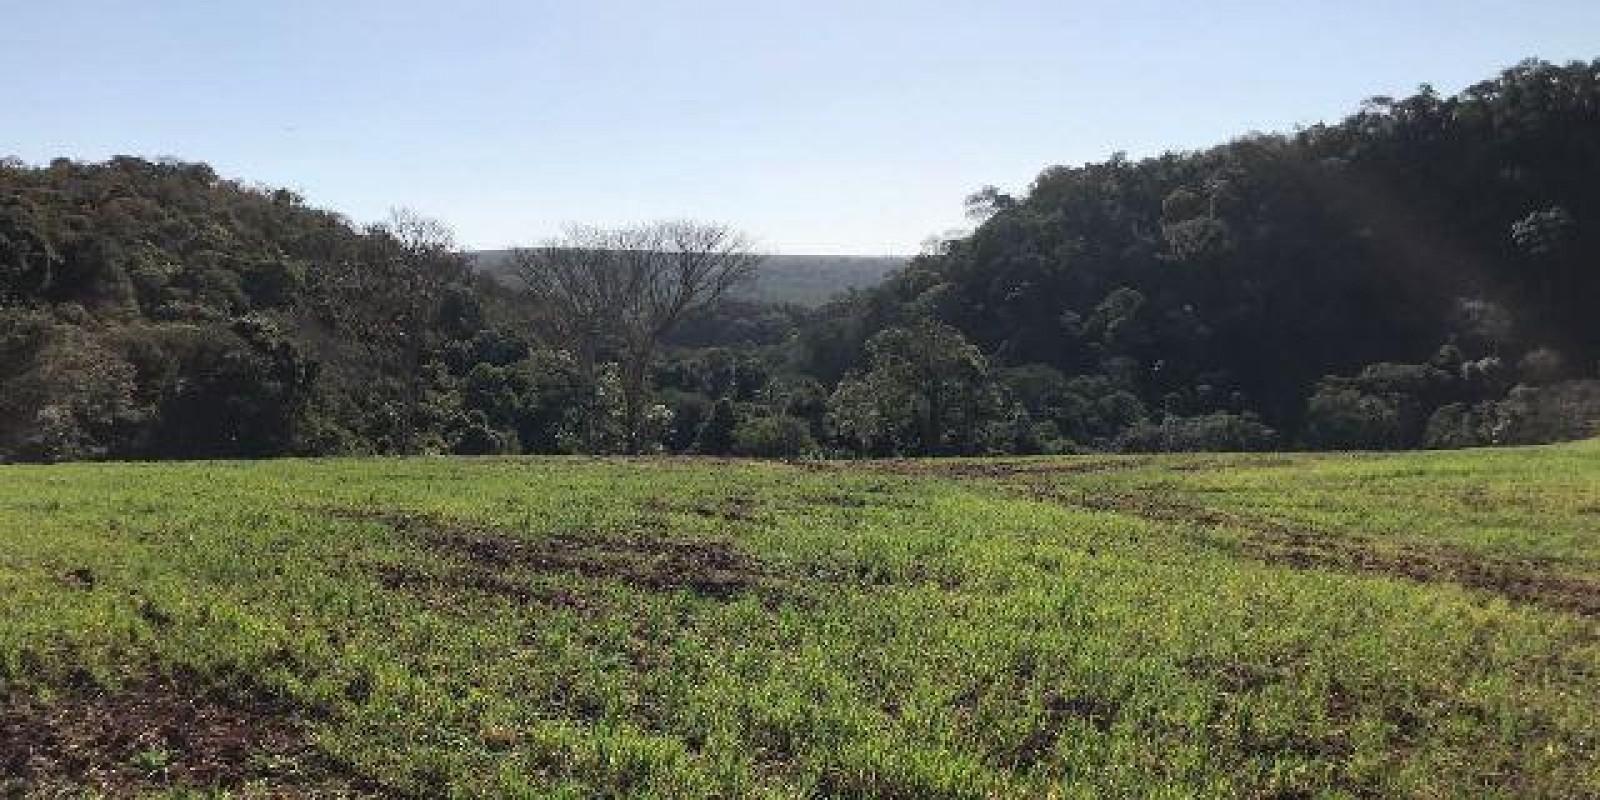 Fazenda de 40 Alqueires, Município de Sarutaiá Sp - Foto 6 de 20